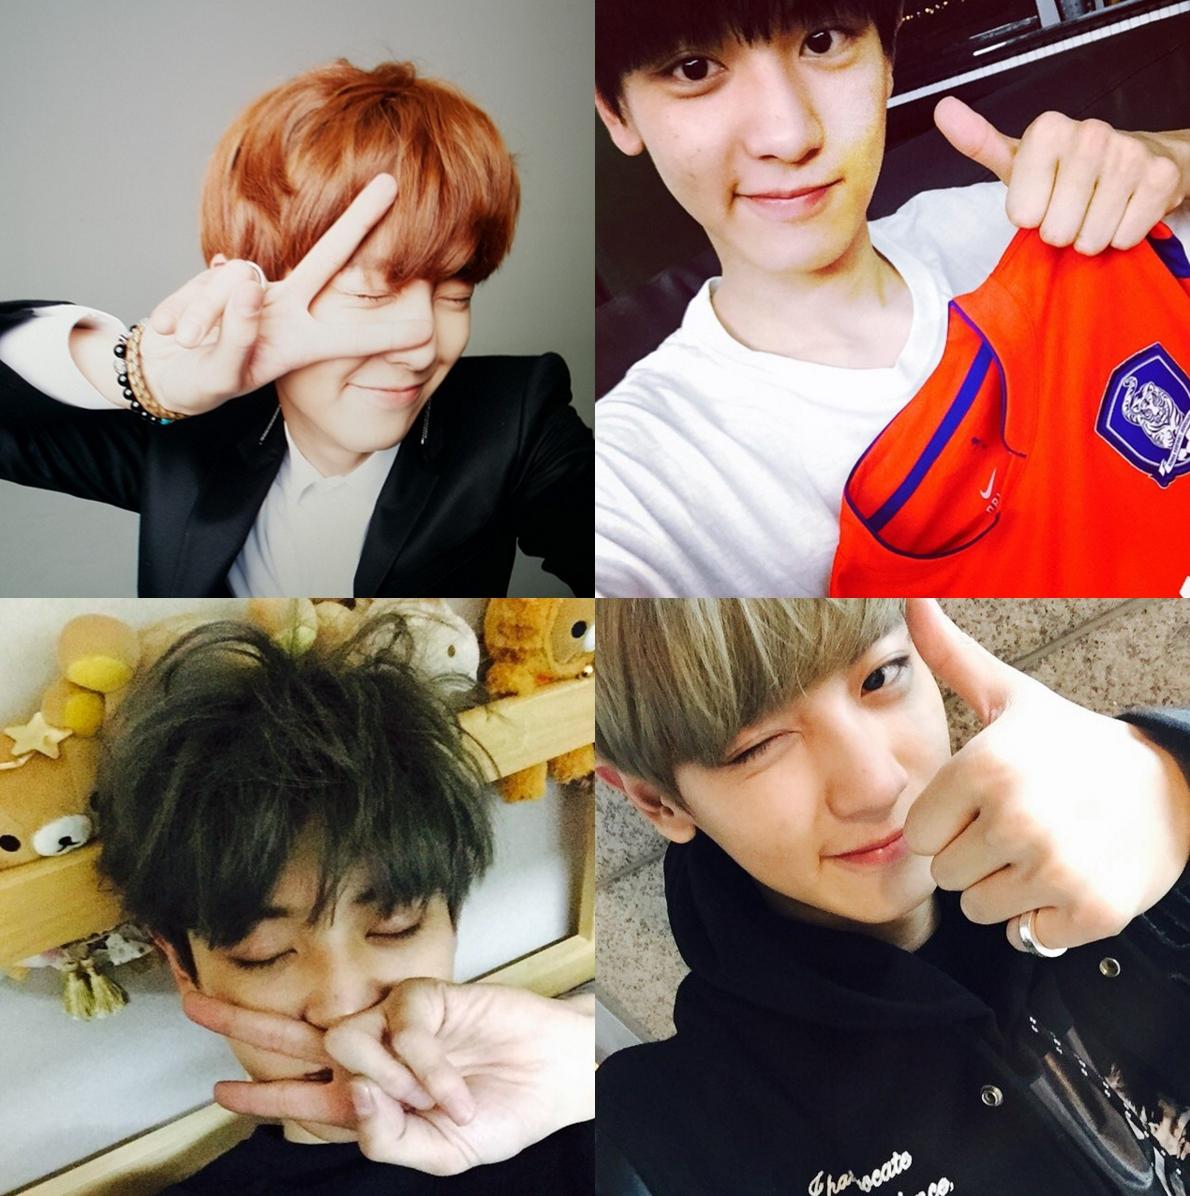 ★ EXO :: 燦烈 ★  接下來就是我們的剪刀手小王子燦烈,如果有關注他的 Instagram 就會知道,他真的還滿常發自拍照的,而且不管什麼角度都好看,果然顏質高怎麼拍都帥啊!